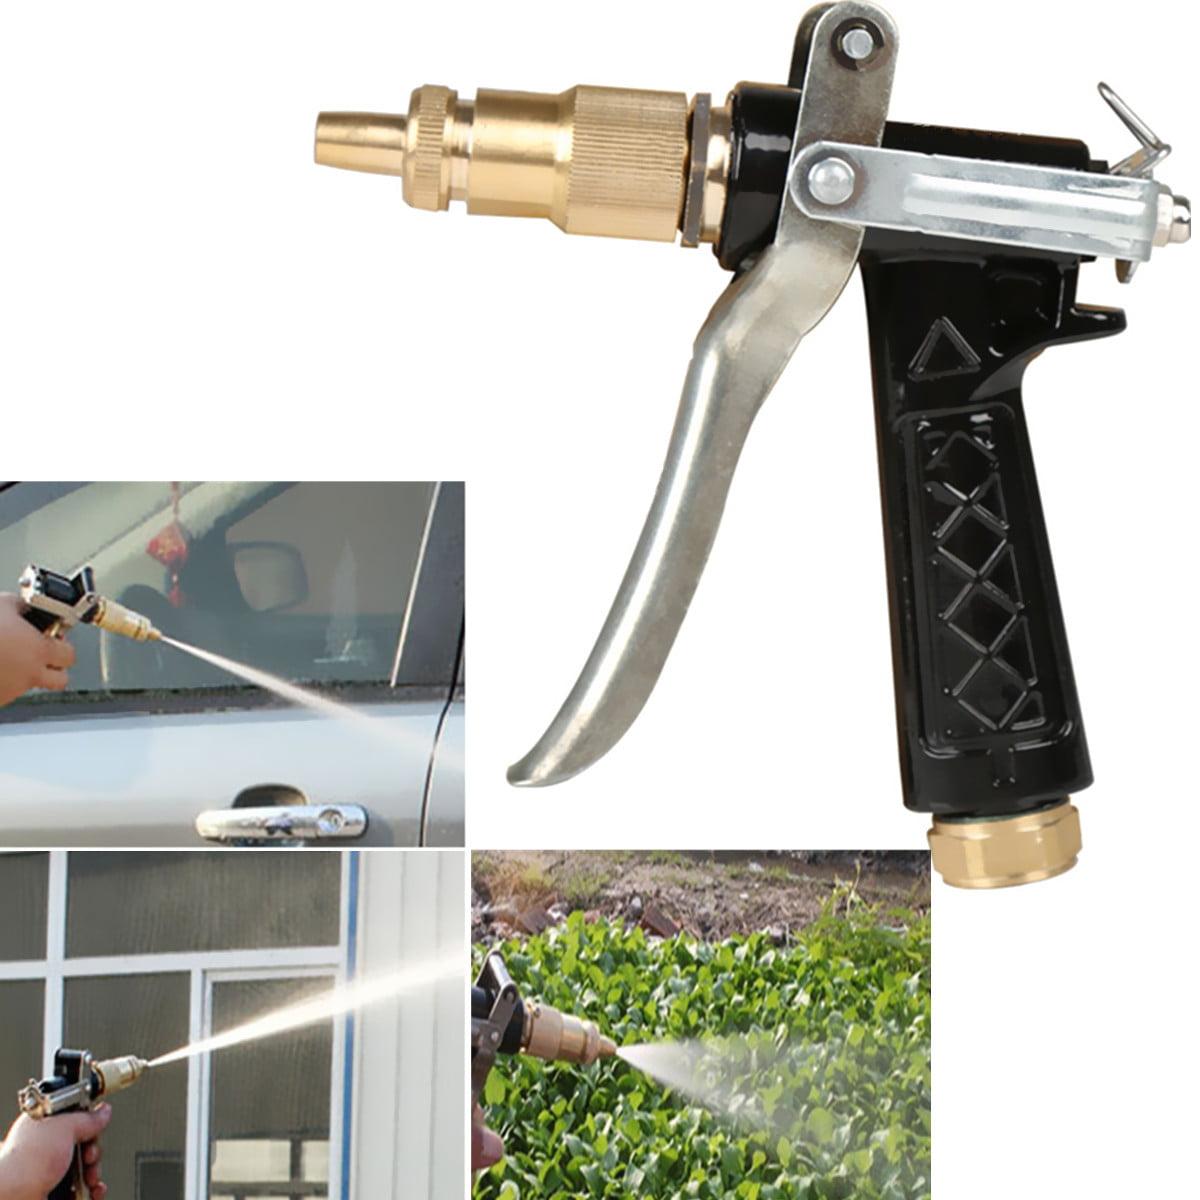 Metal High Pressure Sprayer Gun Hand Brass Metal Hose Nozzle Water Wash